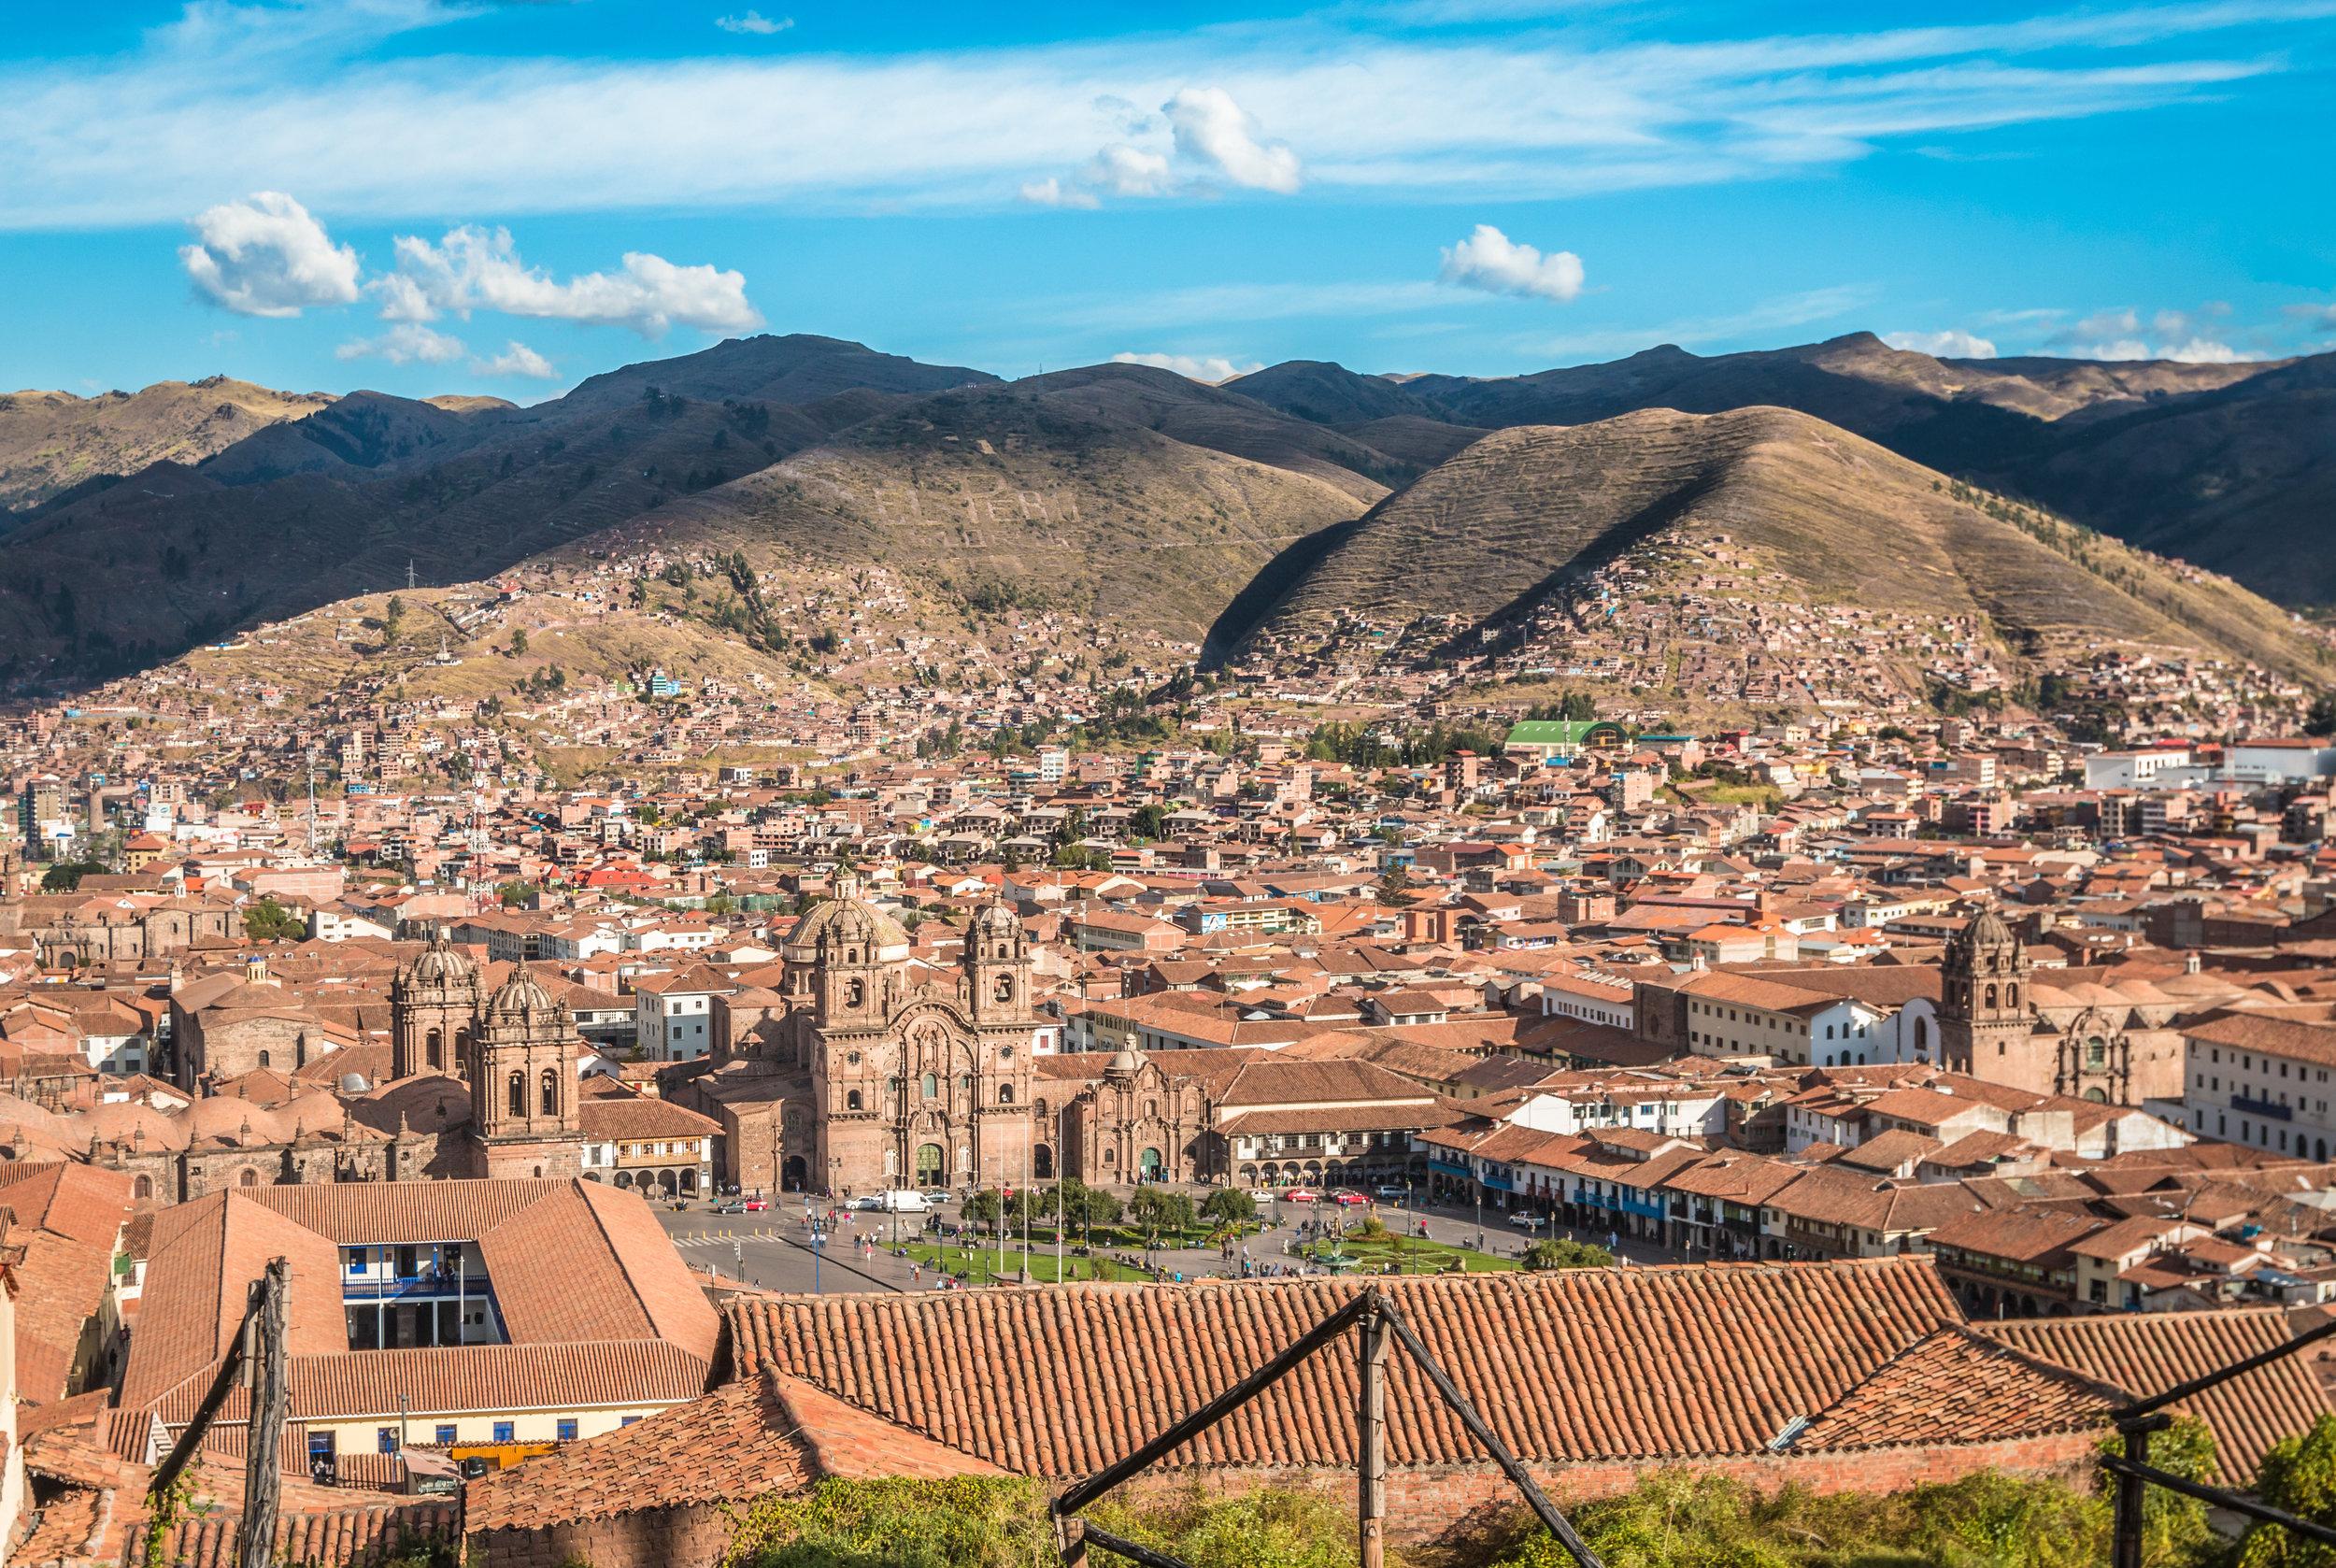 Rundreise i Peru for den kresne. Historie, autentisk kultur, luksuriøs togtur og lekre spa-hotell - Machu Picchu, Poroy, Urubamba, Lima, Cuzco